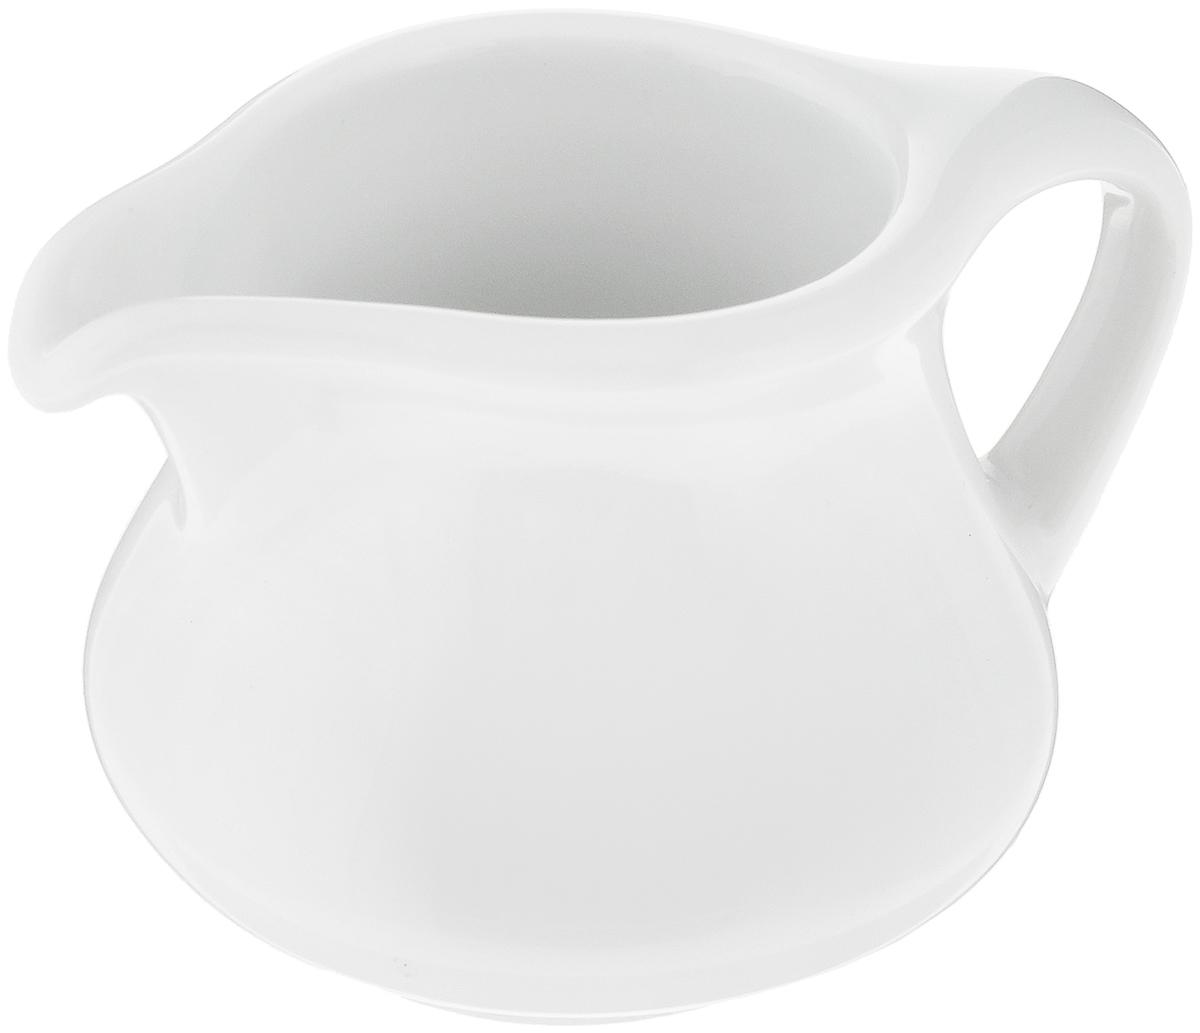 Сливочник Royal Porcelain, 40 млРП-0217Сливочник Royal Porcelain предназначен для того, чтобы красиво и аппетитно подавать на стол сливки или молоко к чаю, кофе, супу или фруктам.Royal новый уникальный продукт на рынке фарфора производится из материала, в состав которого входит алюминиум (глинозем) в виде порошка, что придает фарфору уникальные свойства: белоснежный цвет, как на поверхности, так и на изломе, более тонкие и изящные формы, так как добавление металла делает фарфоровую массу более пластичной, устойчивость к сколам и царапинам. Возможный перепад температур при эксплуатации до 200 градусов! Фарфор покрывается глазурью, что характеризует эту посуду как продукт высшего класса.Идеально подходит для использования в микроволновой печи и посудомоечной машине.